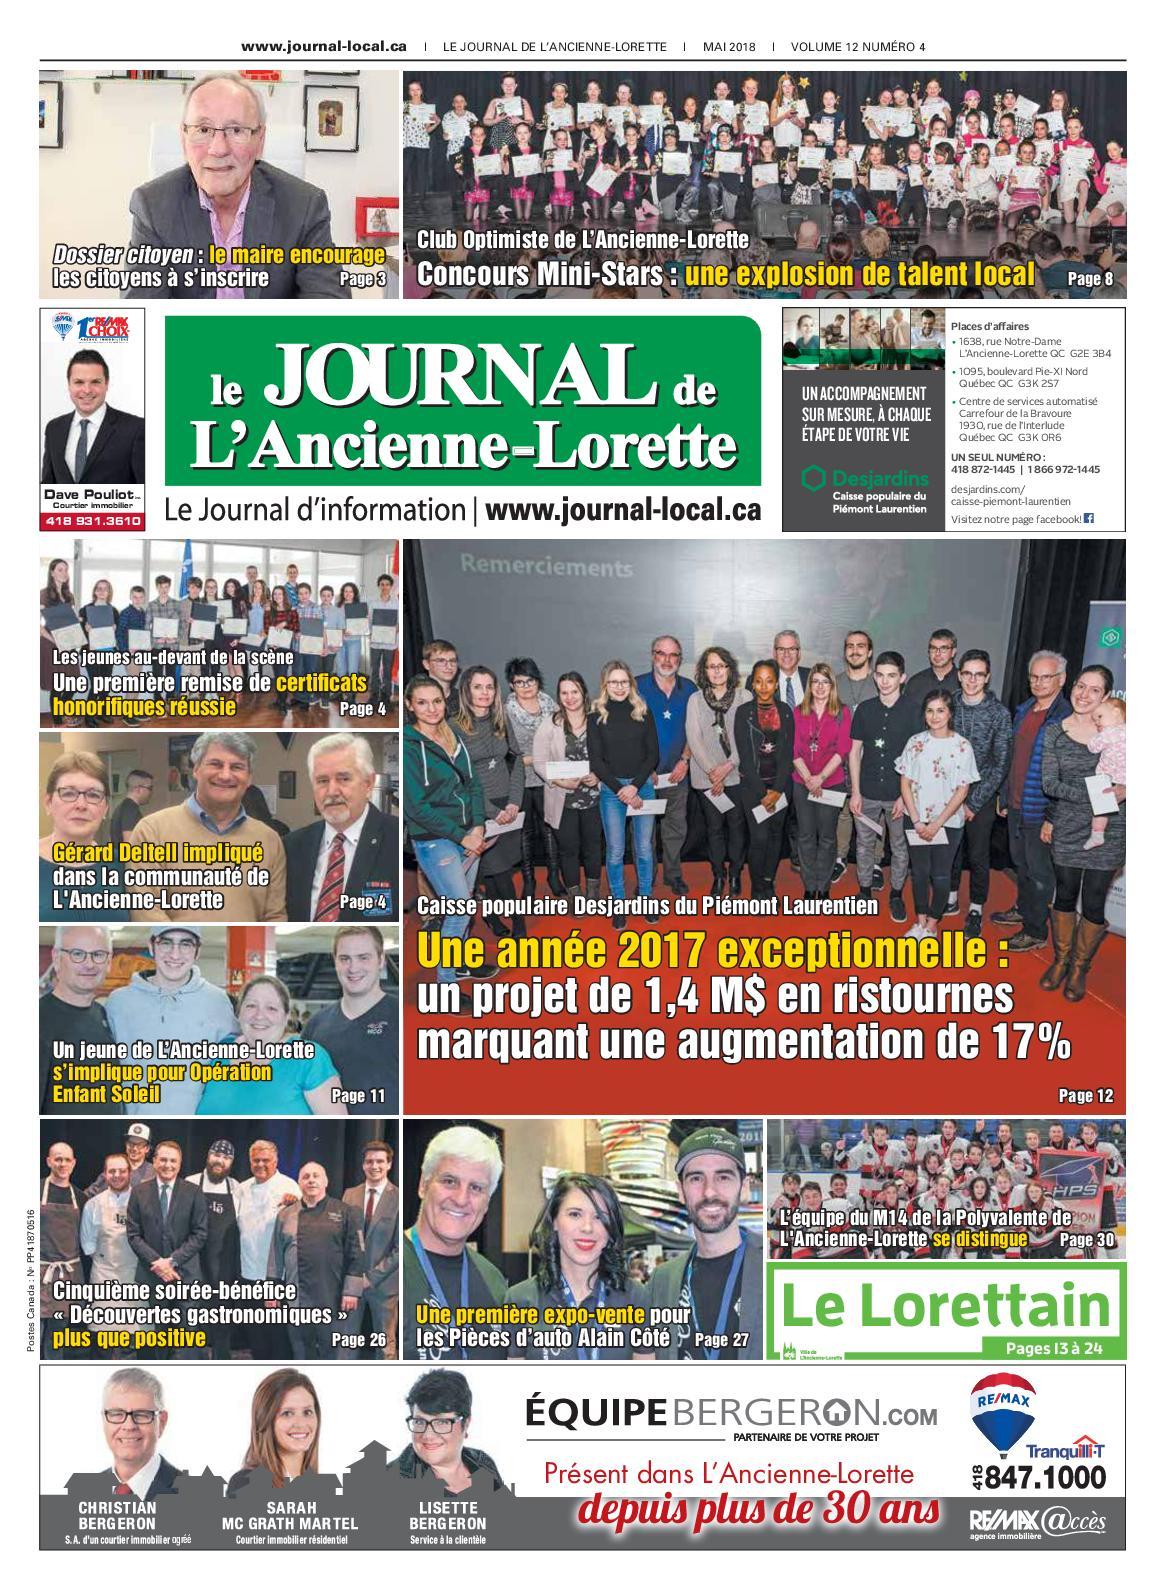 Mouvement Citoyen Alexandre Jardin Frais Calaméo Jal 05 2018 Web Of 33 Unique Mouvement Citoyen Alexandre Jardin